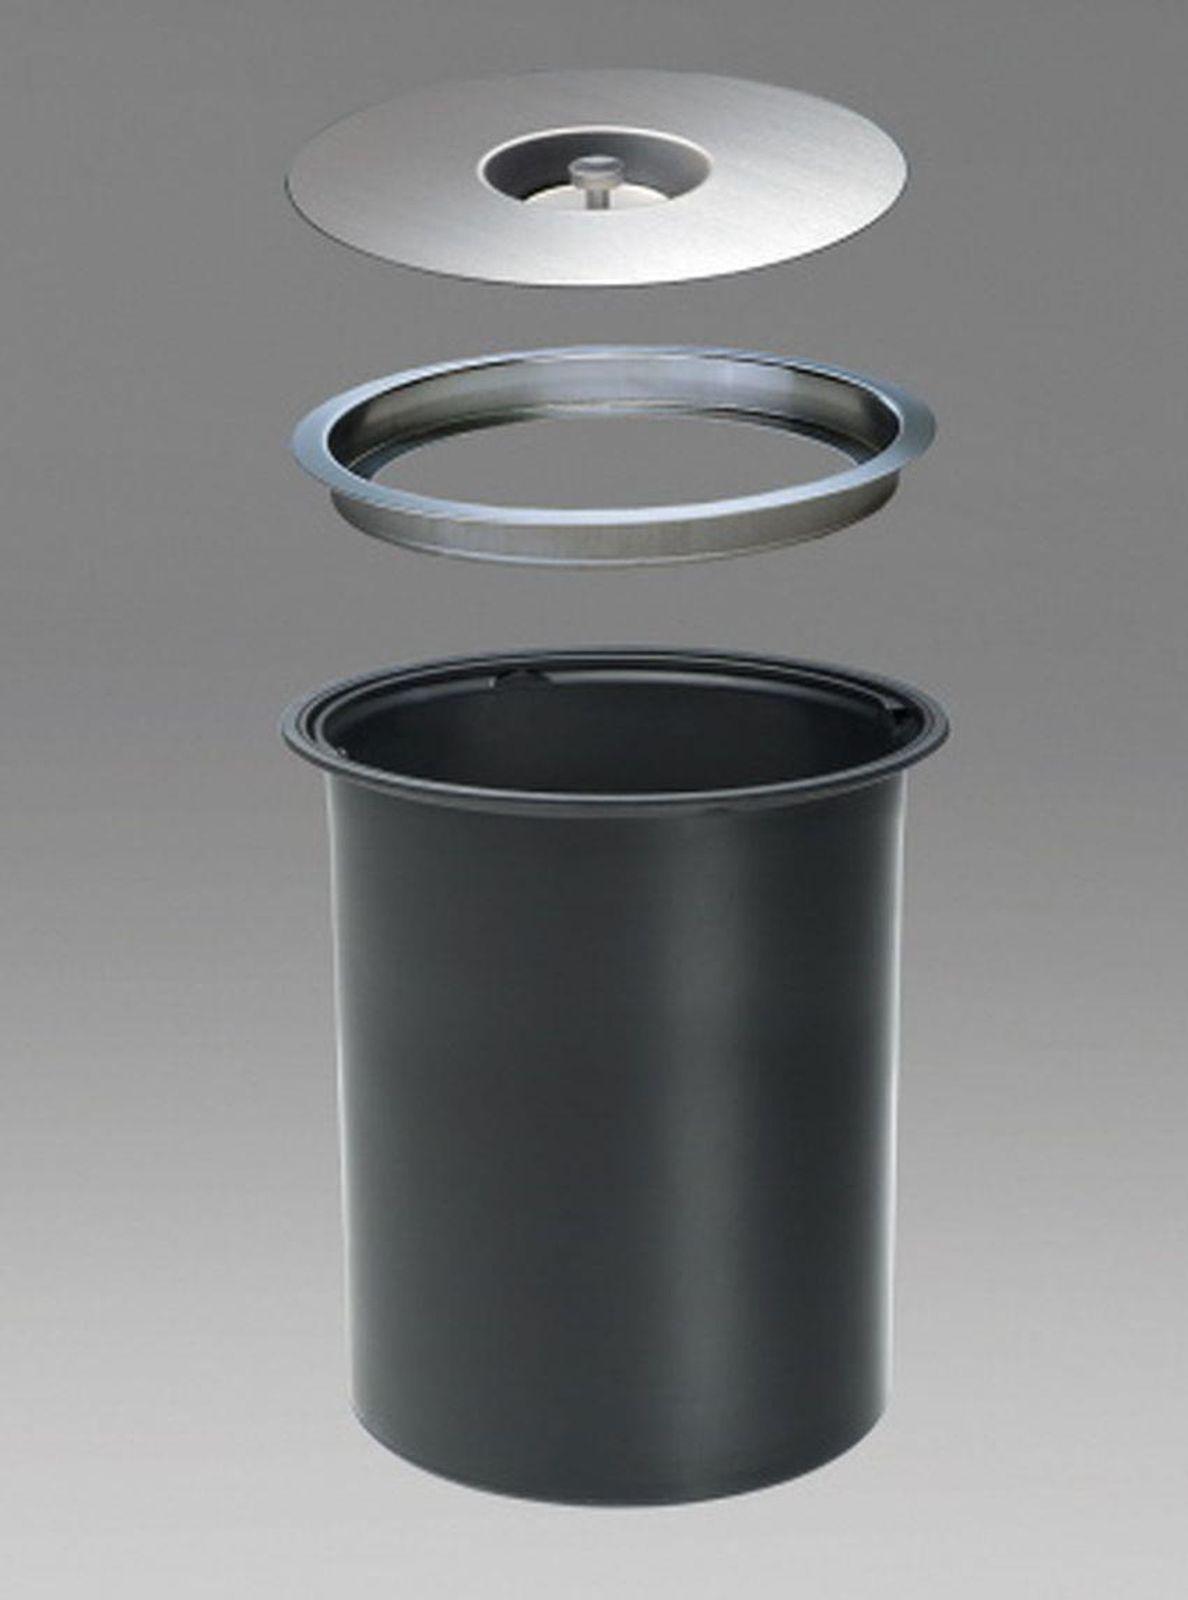 wesco ergomaster k chen bio abfall m lleimer 11 liter einbau arbeitsplatte 47308 kaufen bei. Black Bedroom Furniture Sets. Home Design Ideas